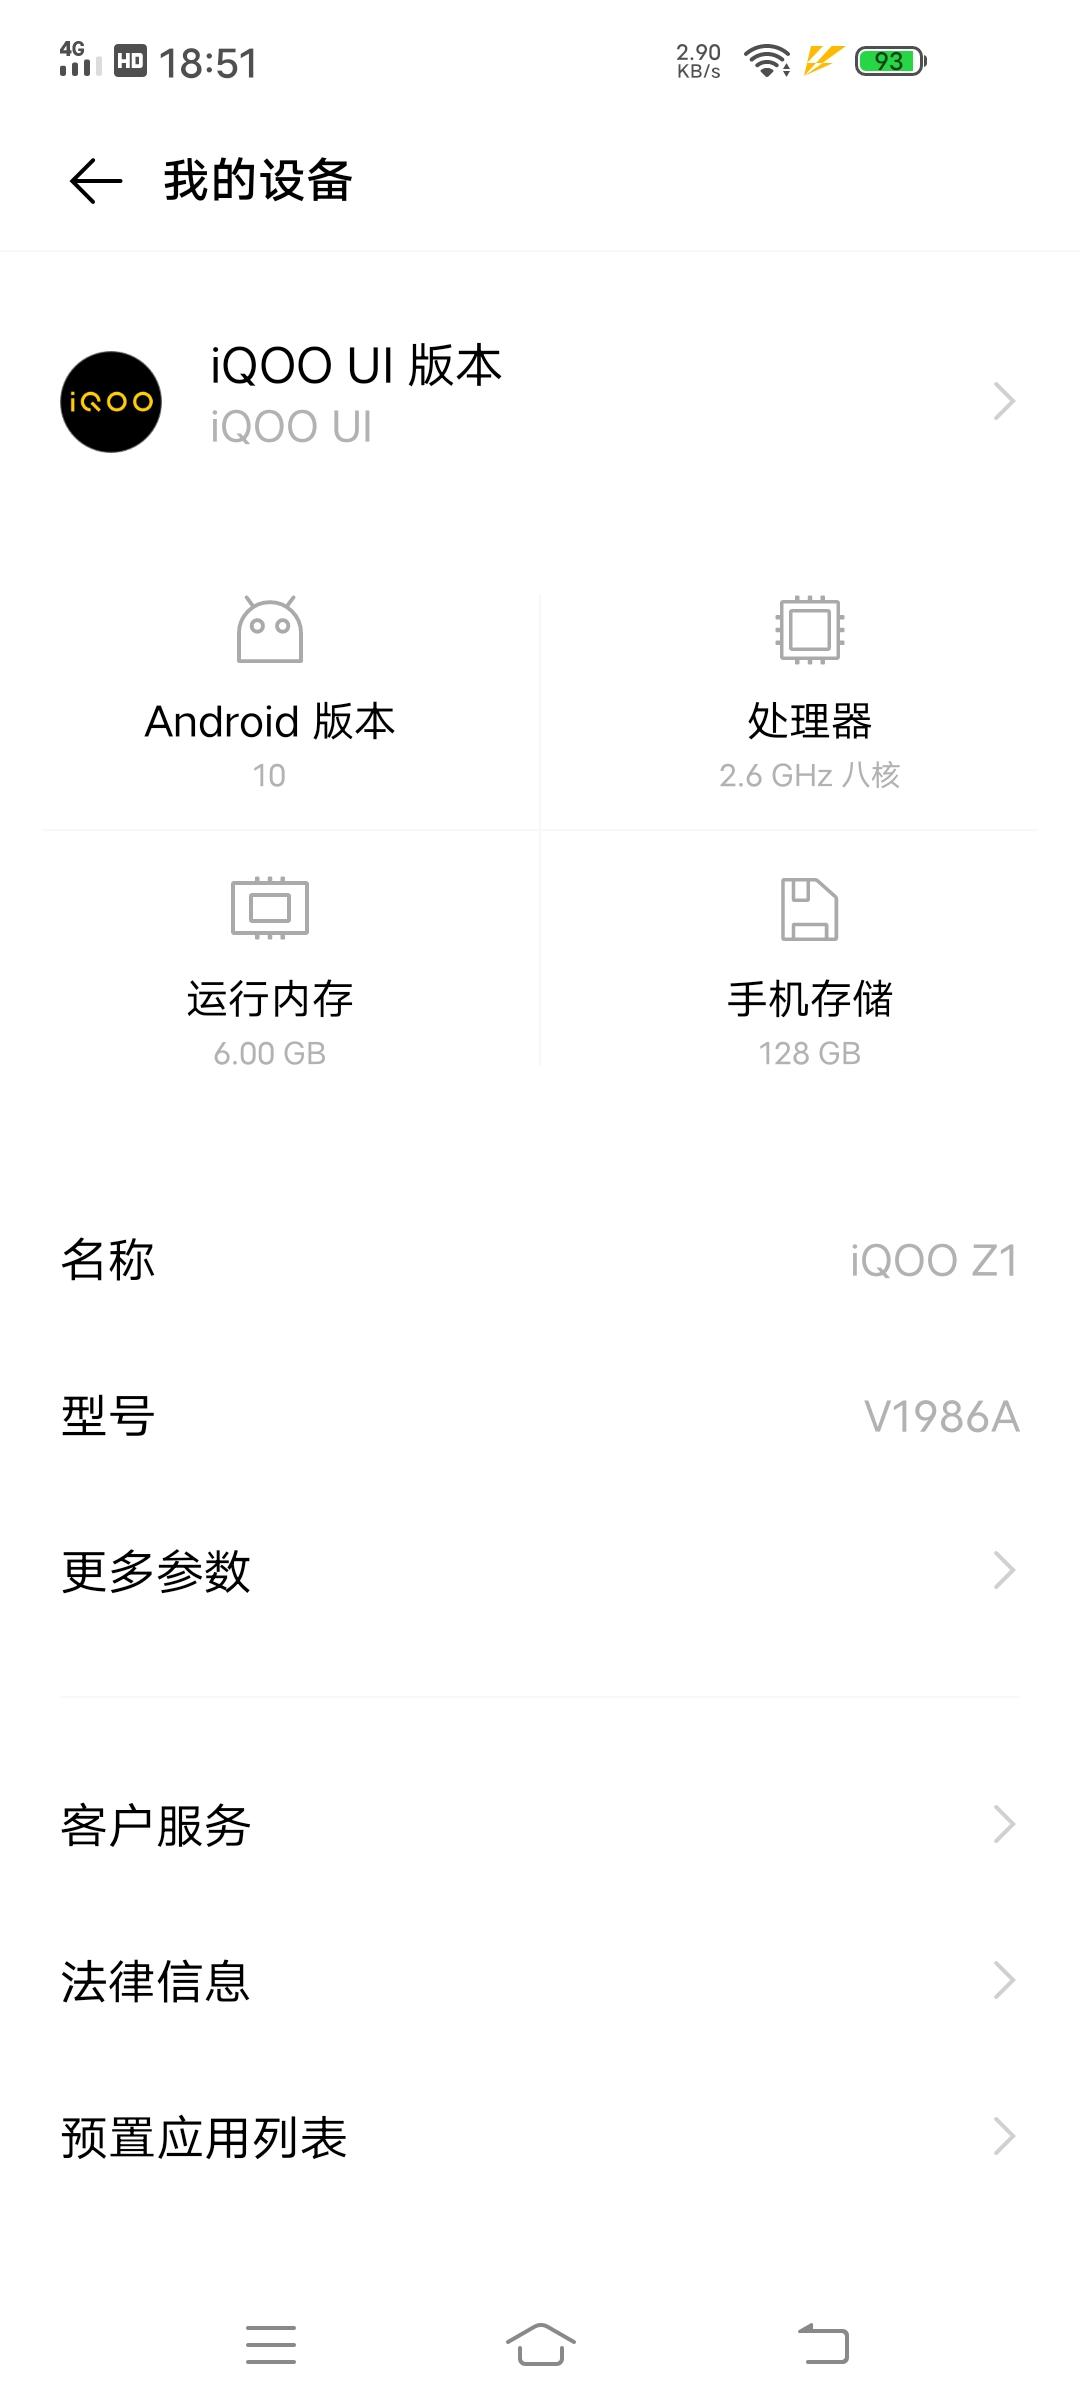 Screenshot_20200727_185125.jpg